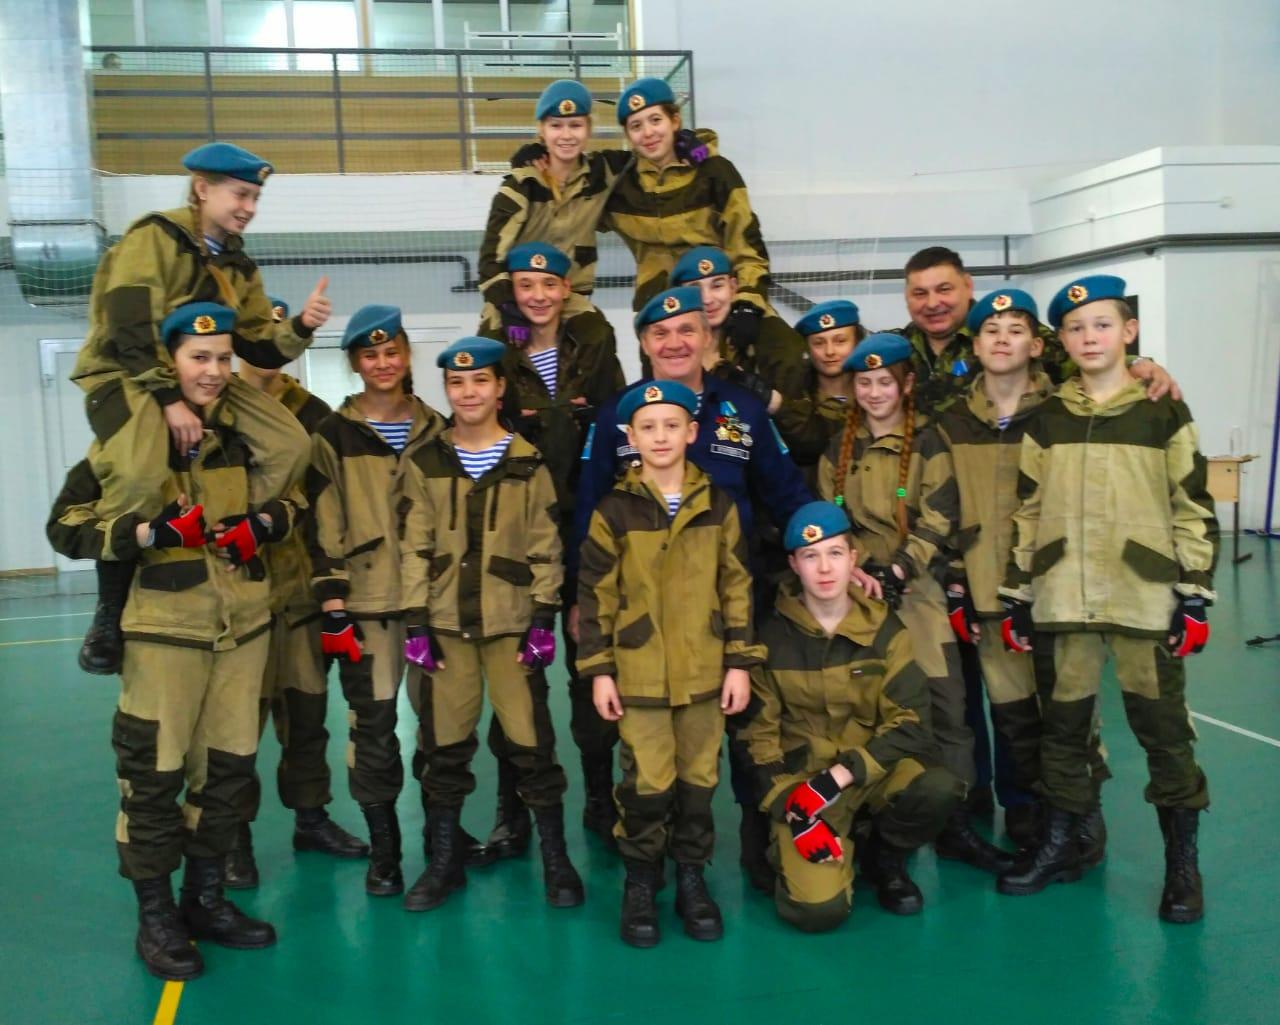 21 декабря 2019 года Киренским отделением проведен урок мужества посвященный 100-летию Калашникова М.Т.